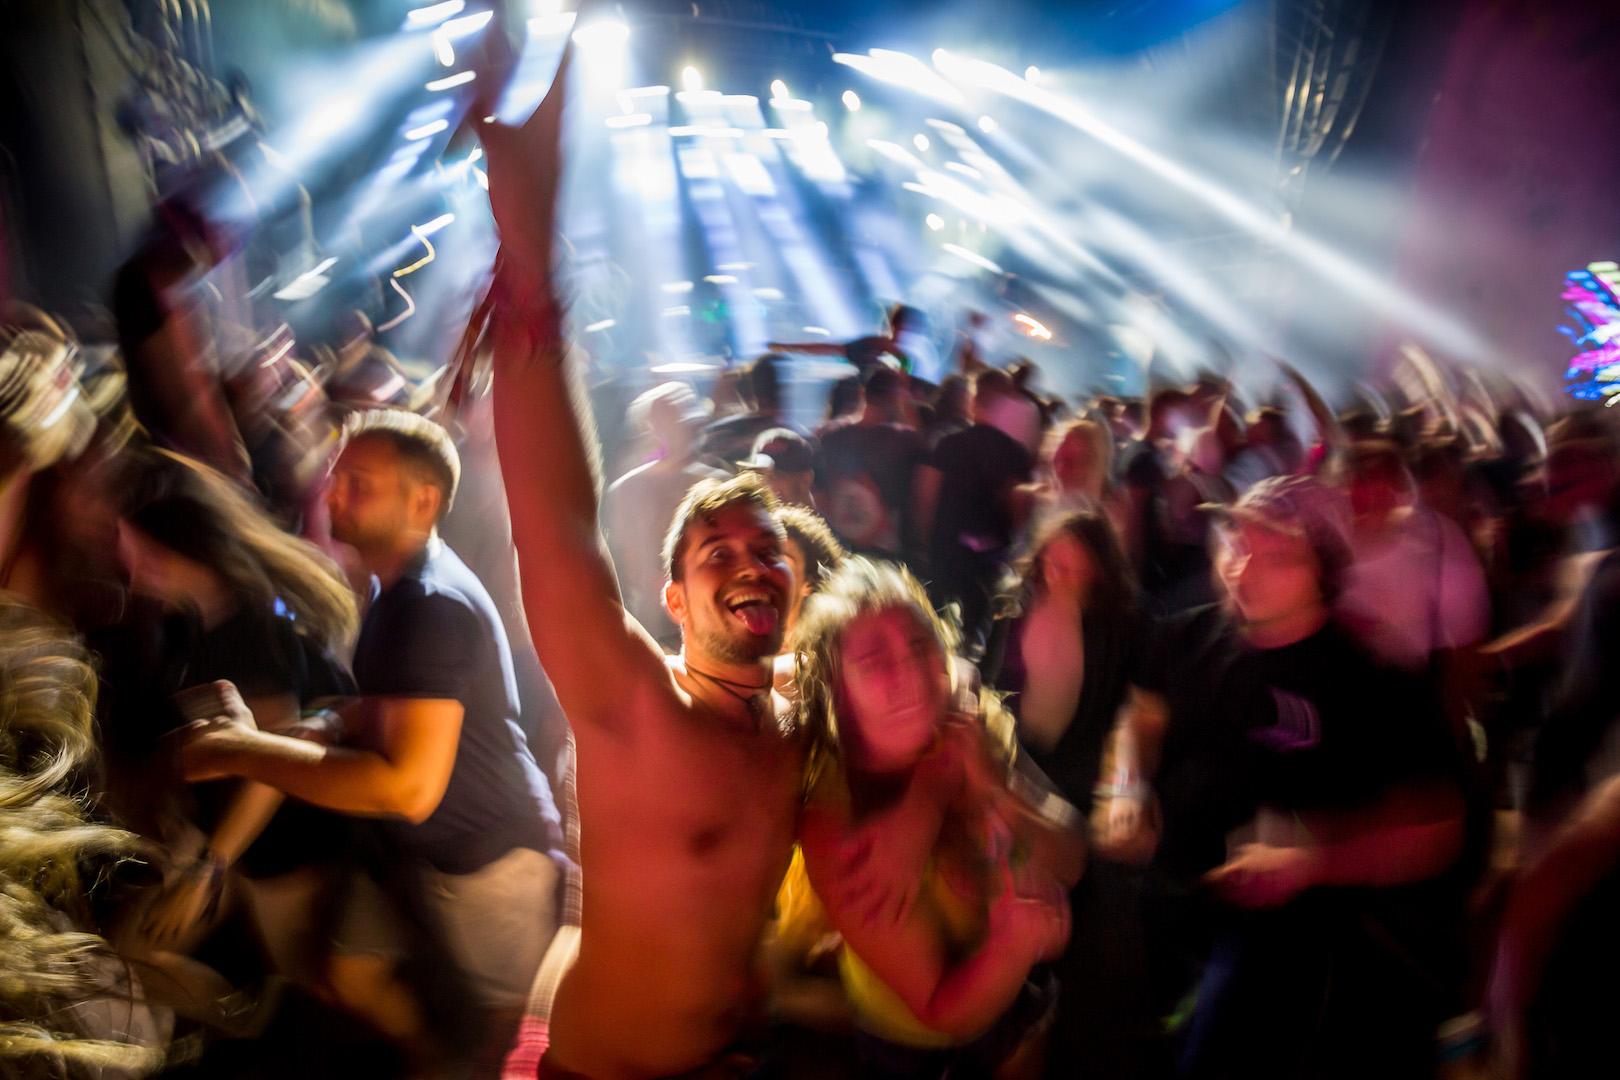 Fotó:Rockstar Photographers@Strand fesztivál